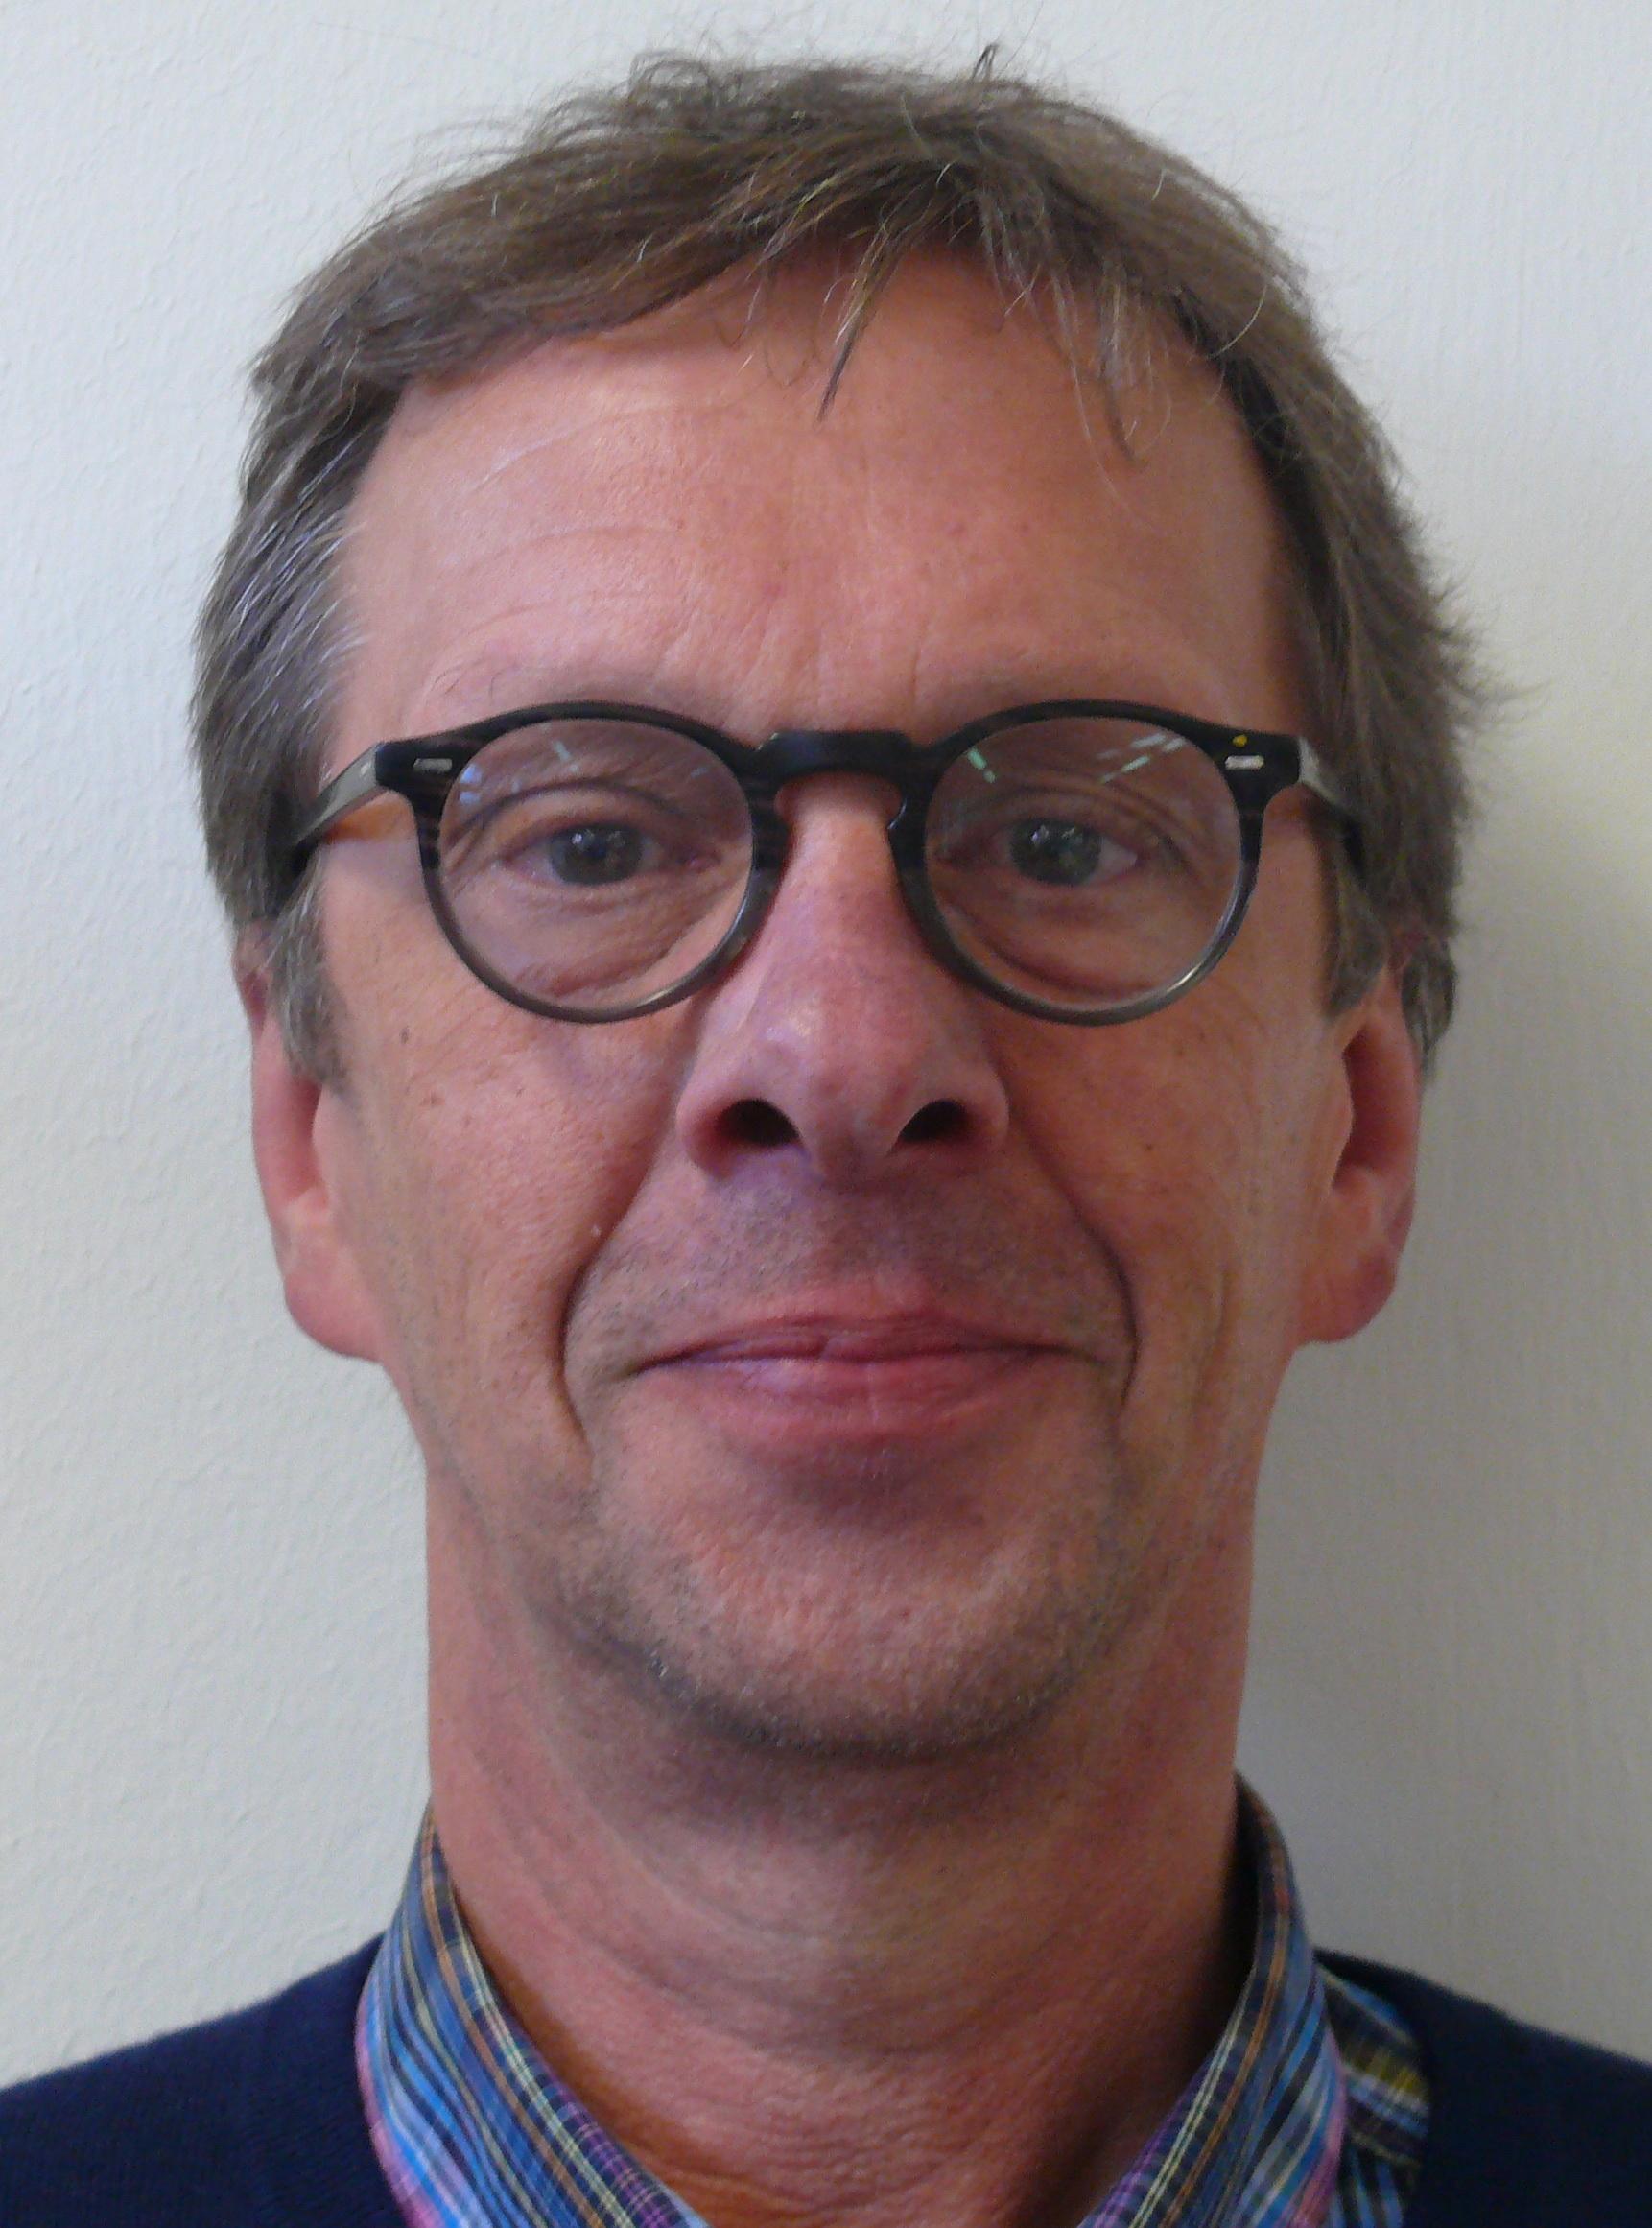 Thomas Neumannn